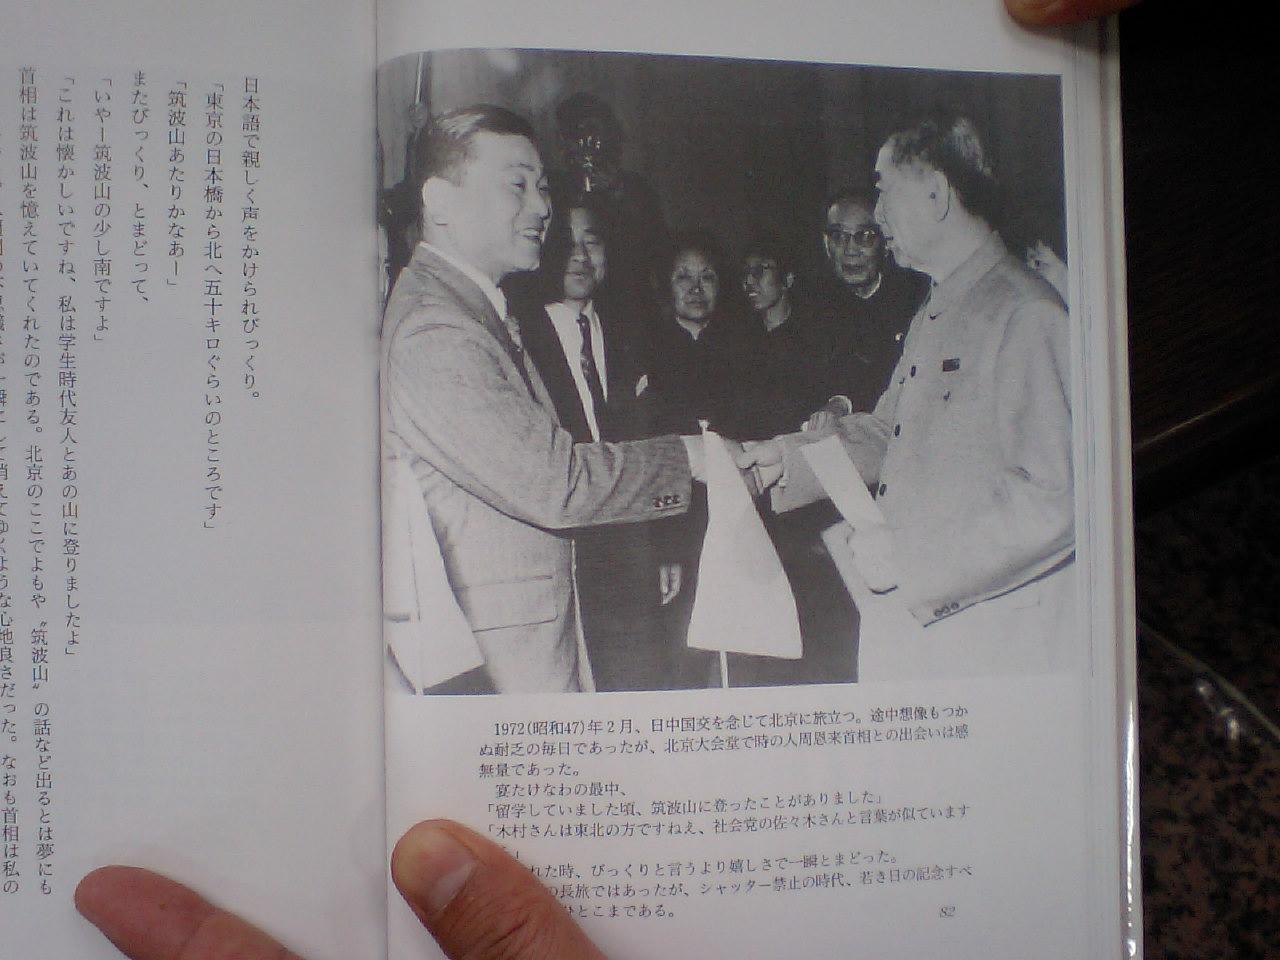 周恩来先生 日本留学期間中に筑波山を登ったことがあり_d0027795_11441224.jpg